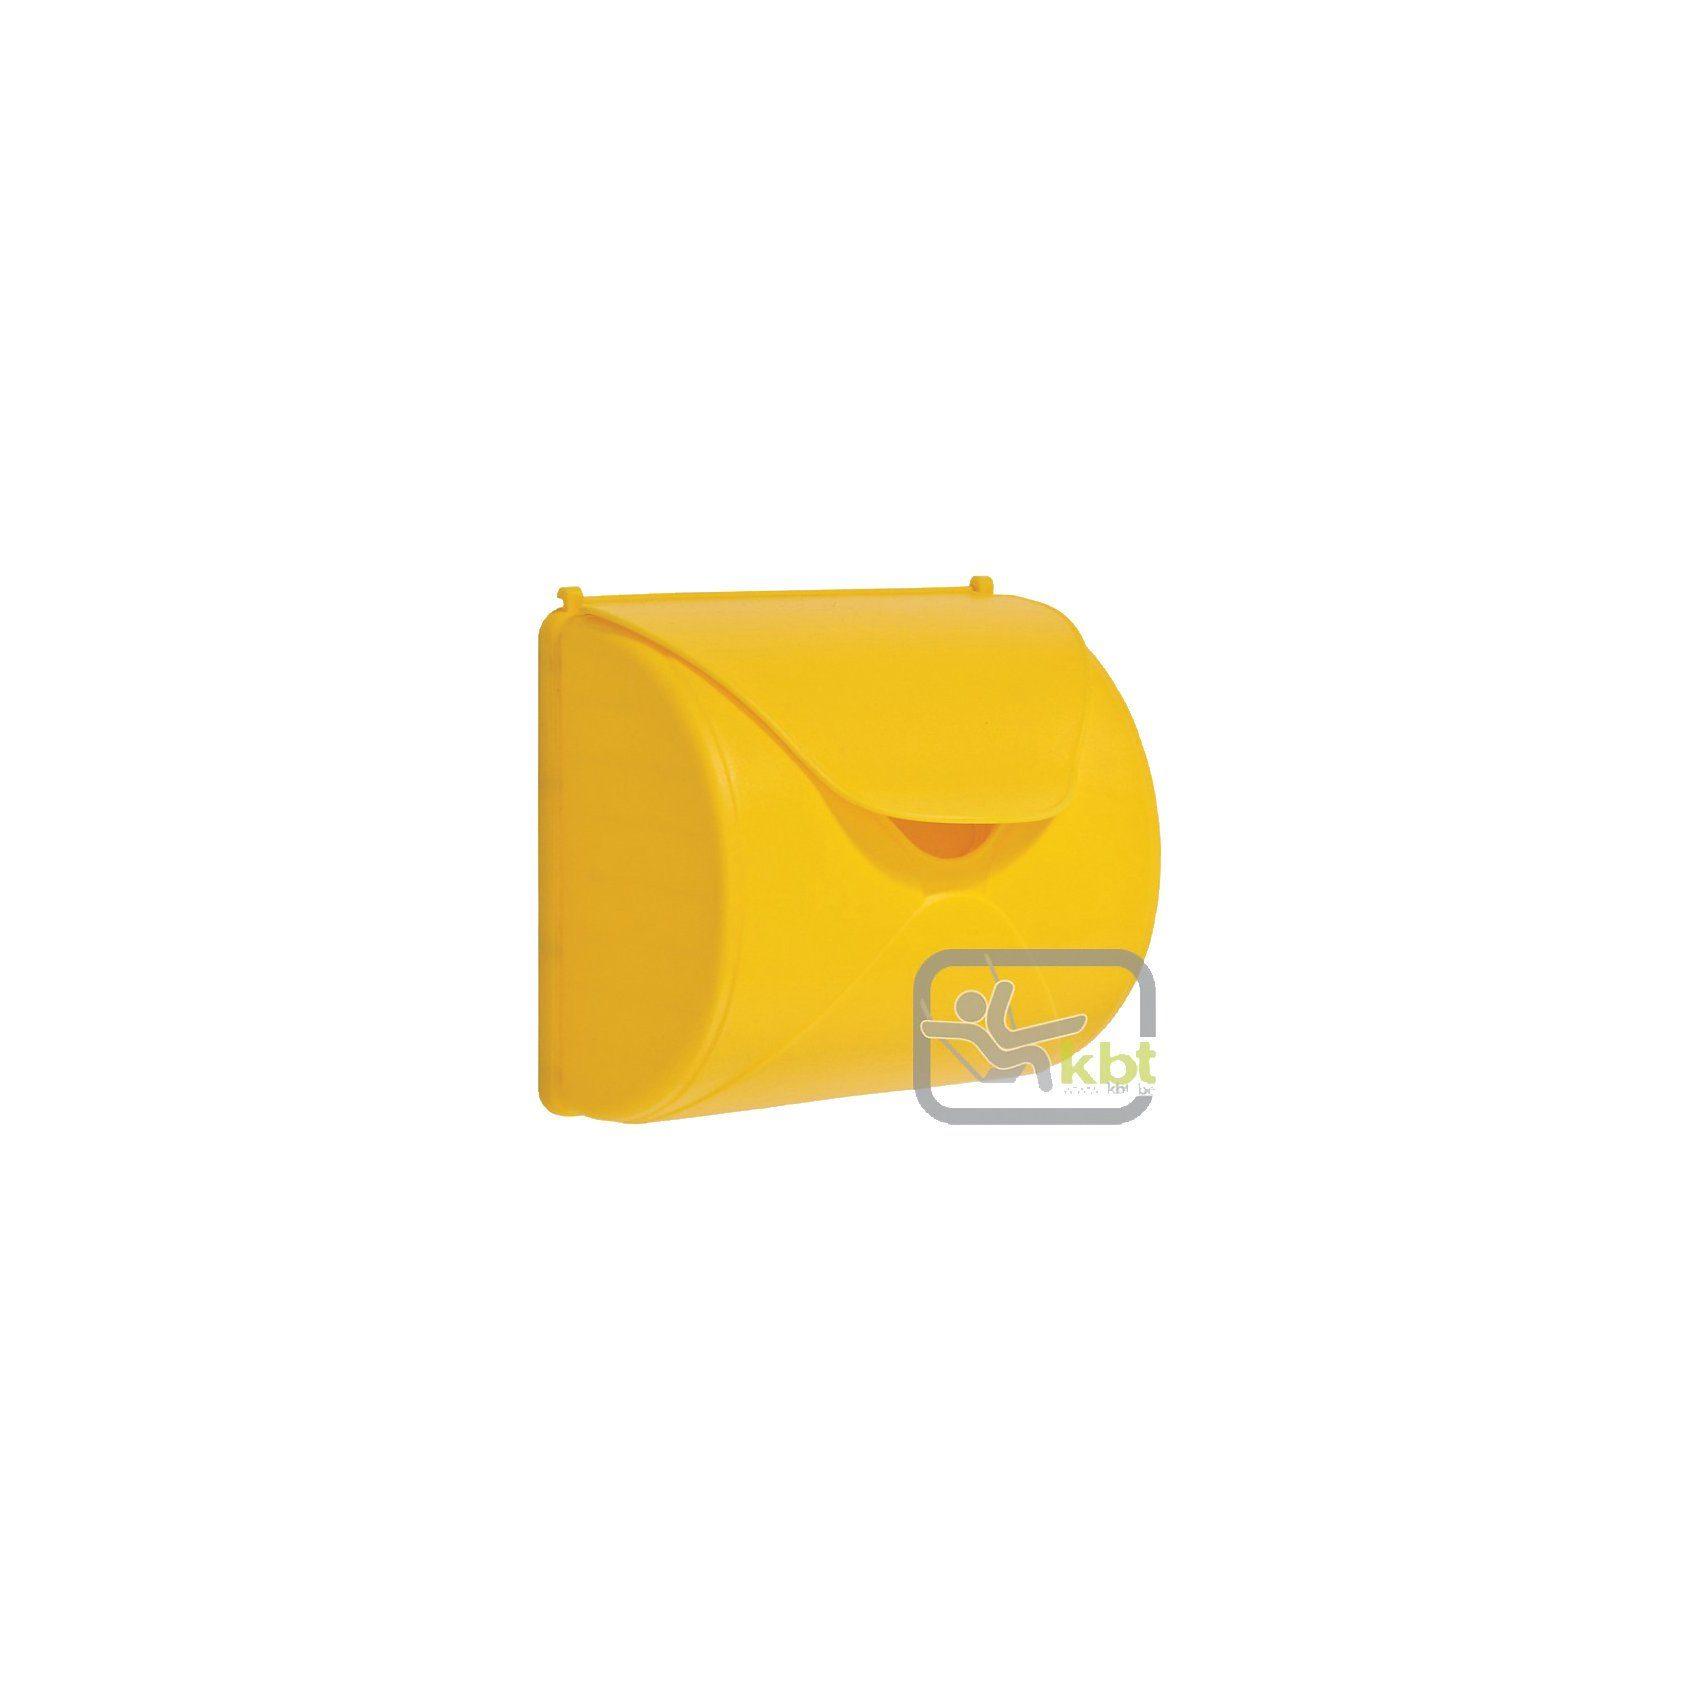 kbt Briefkasten, gelb